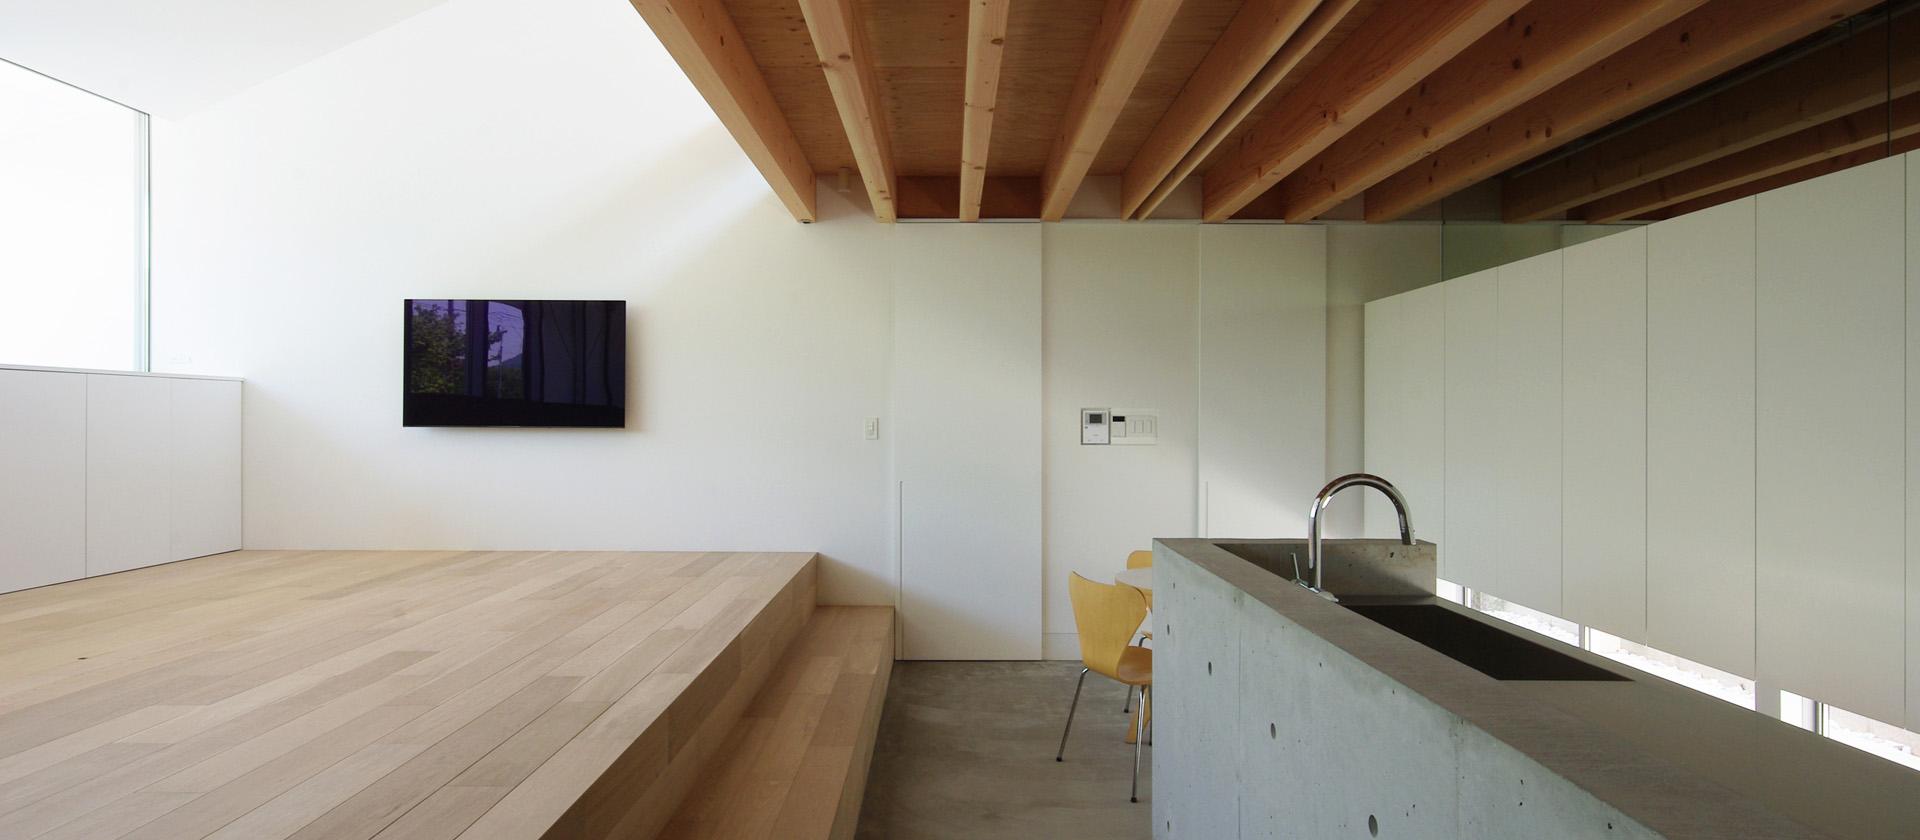 豊橋市 建築設計事務所の空間建築-傳 施工例